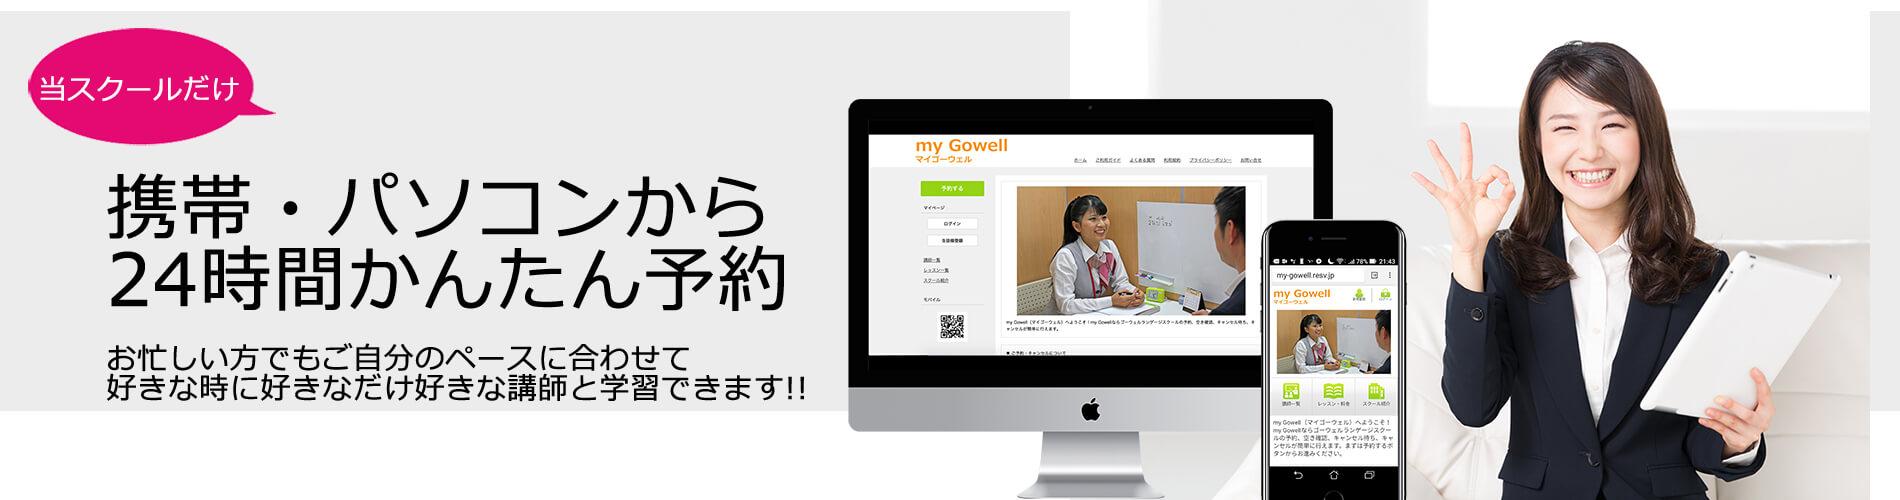 ミャンマー語教室予約